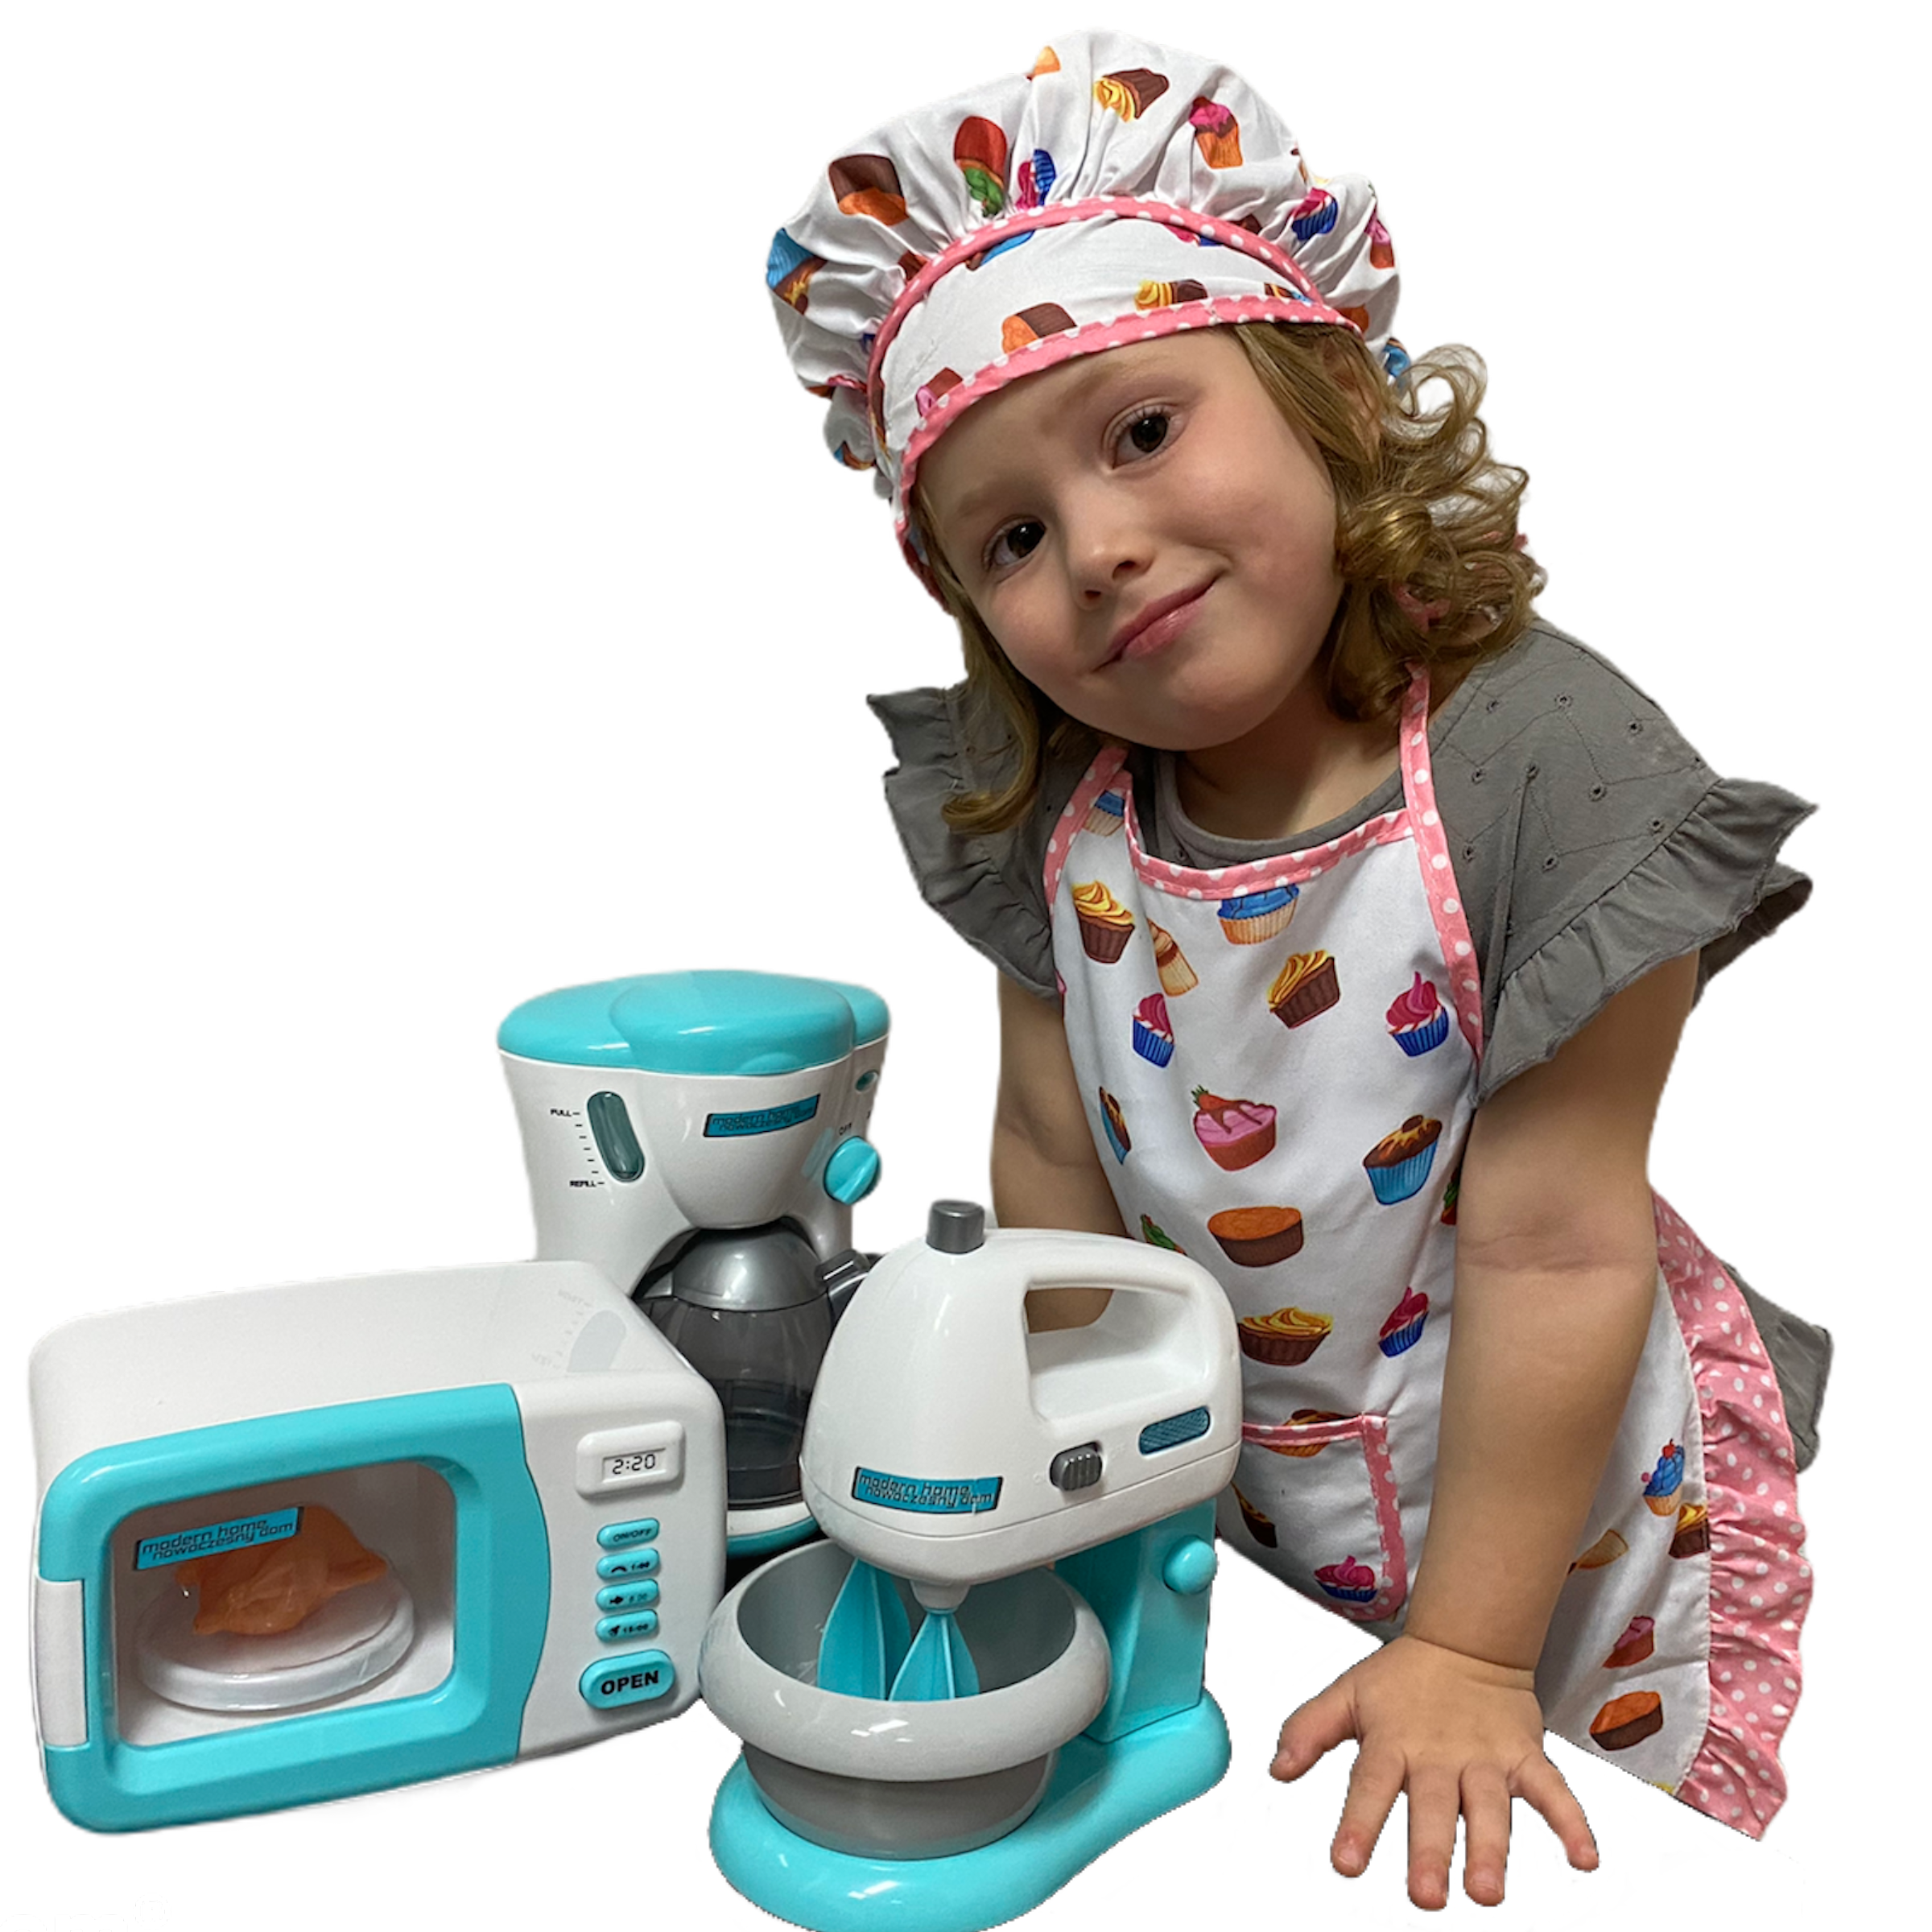 Zestaw agd dla dzieci kuchenny ekspres mikrofala mikser